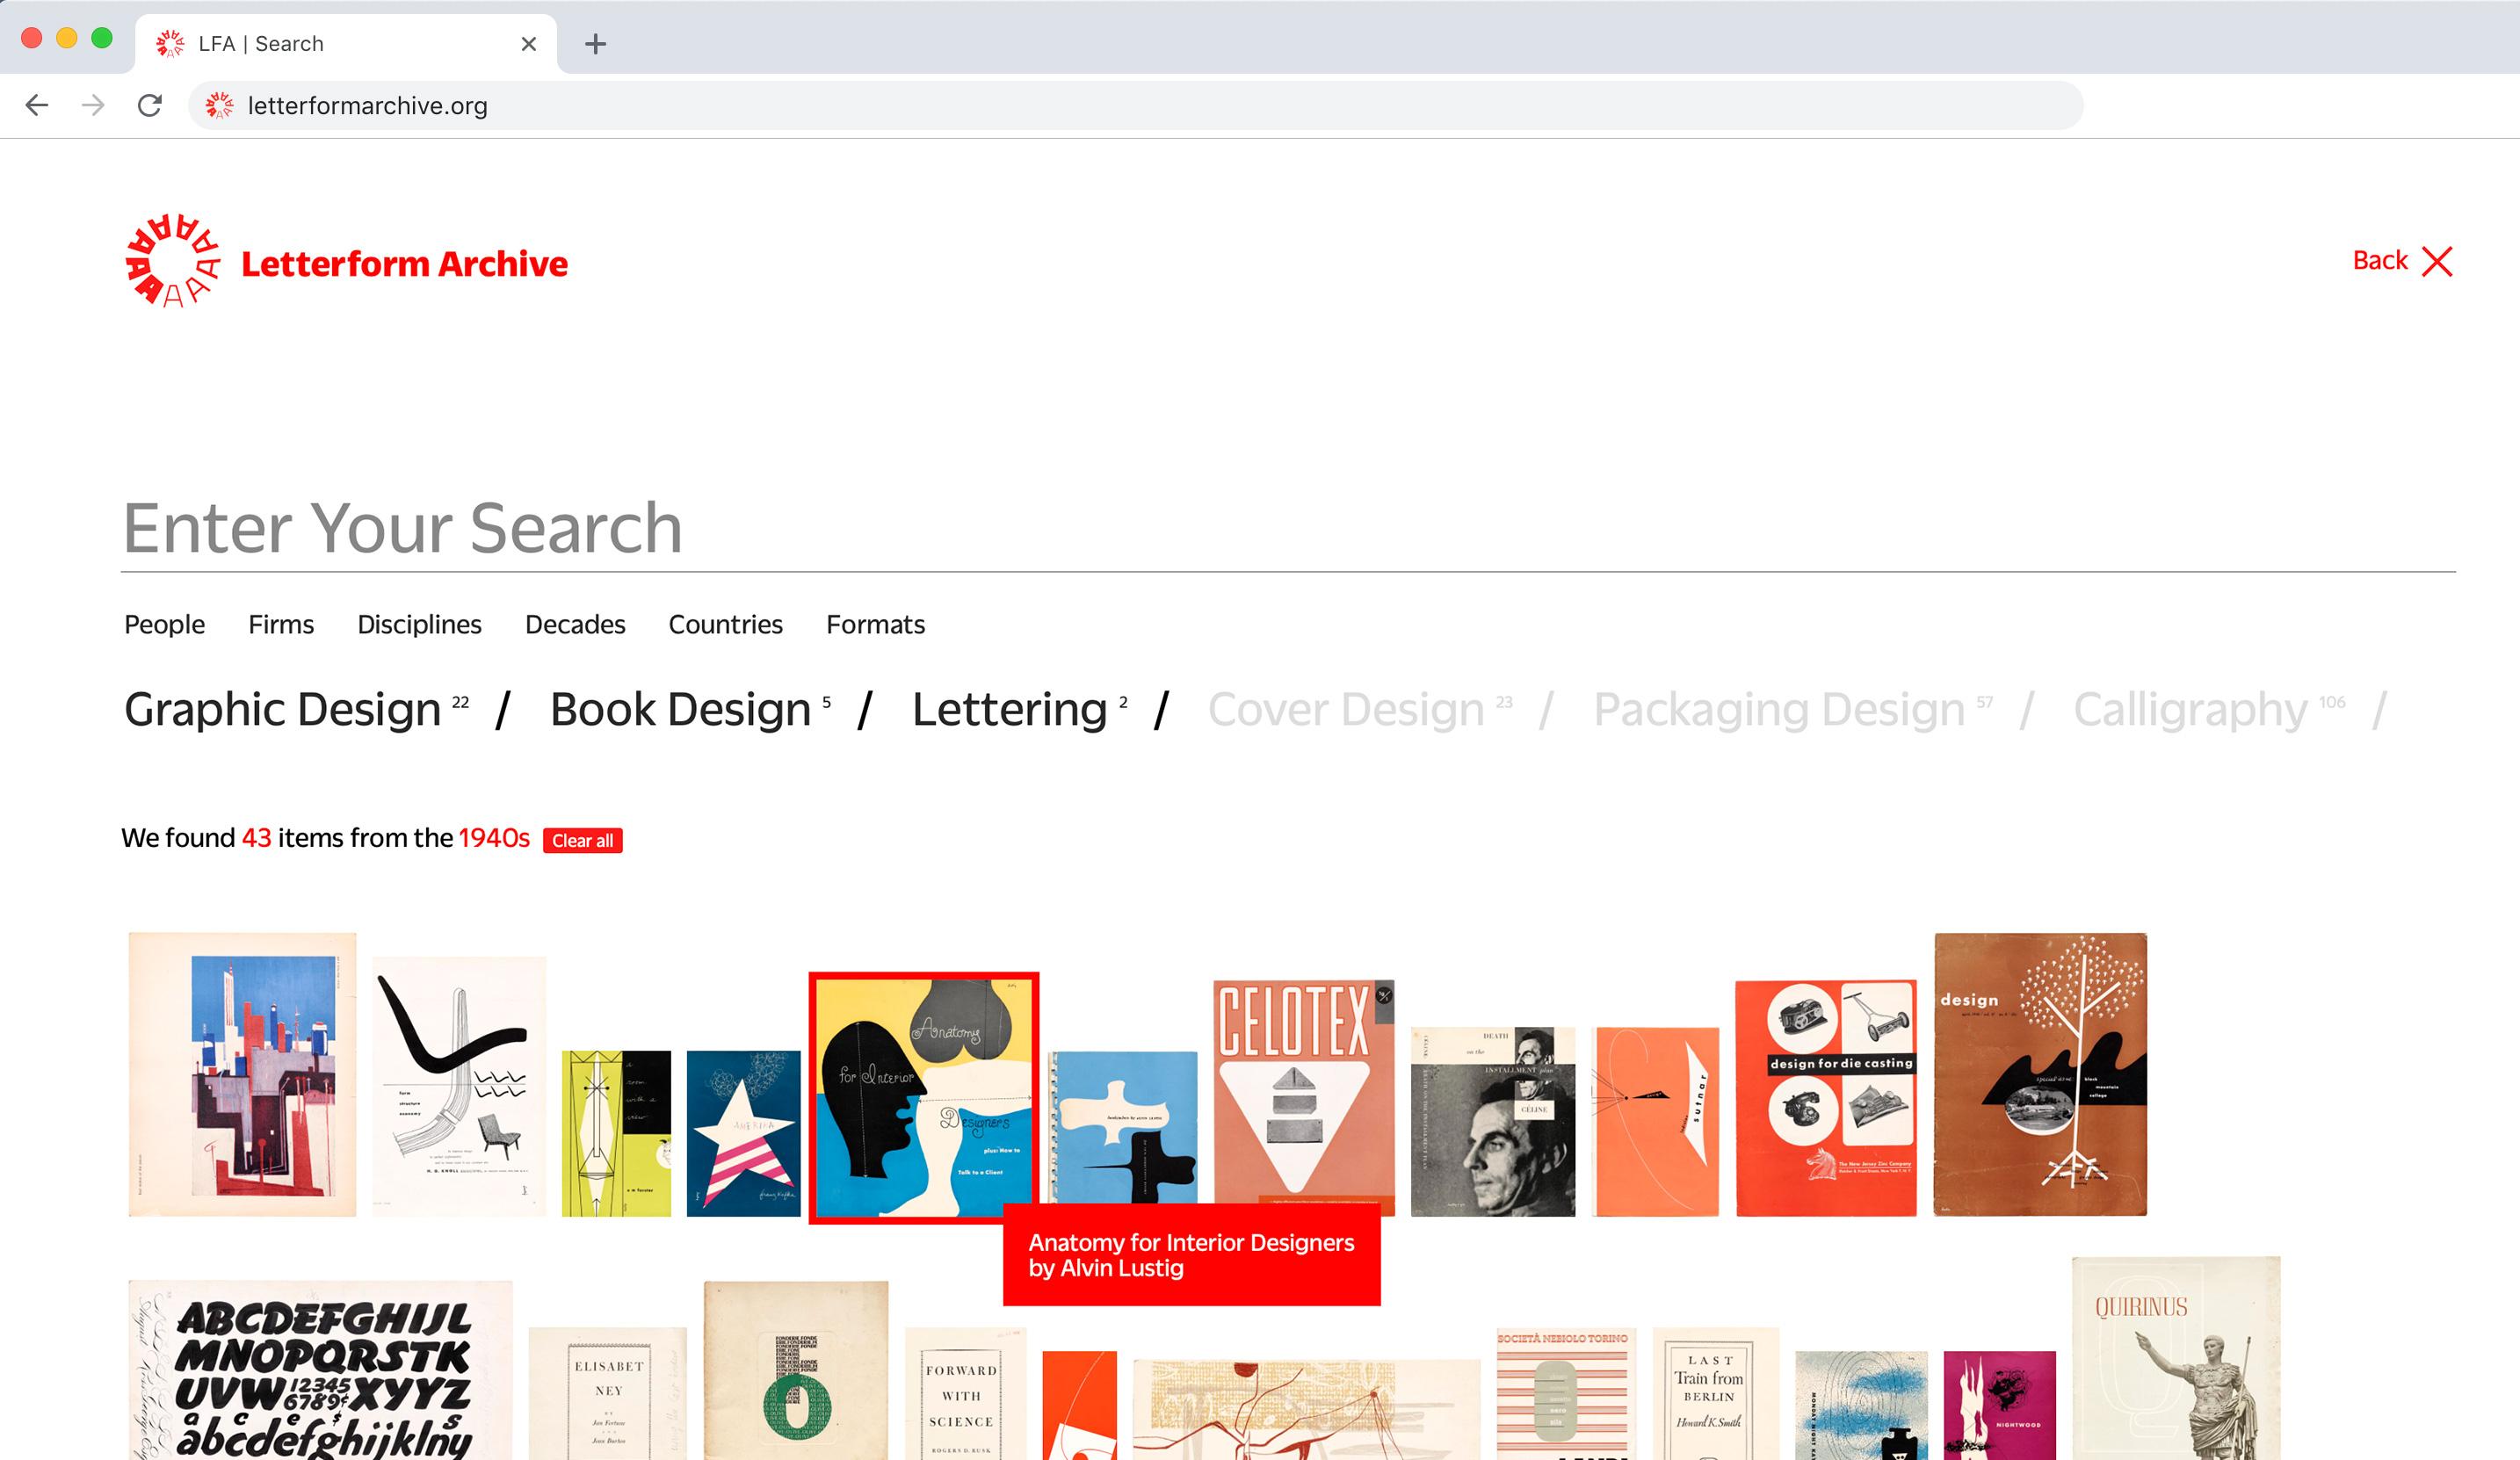 Tesori d'archivio: il Letterform Archive sta digitalizzando tutte le sue collezioni